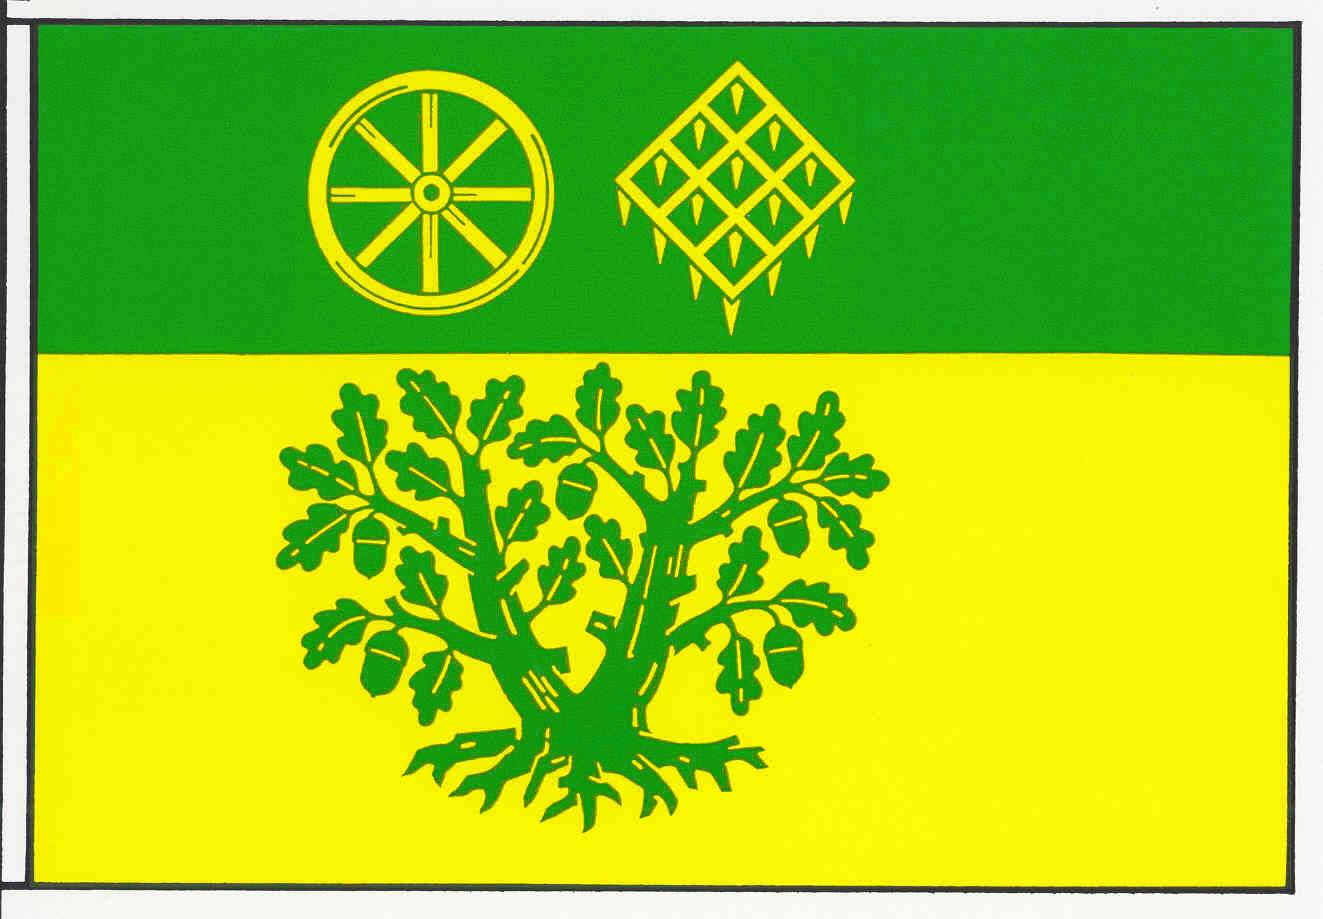 Flagge GemeindeRickert, Kreis Rendsburg-Eckernförde